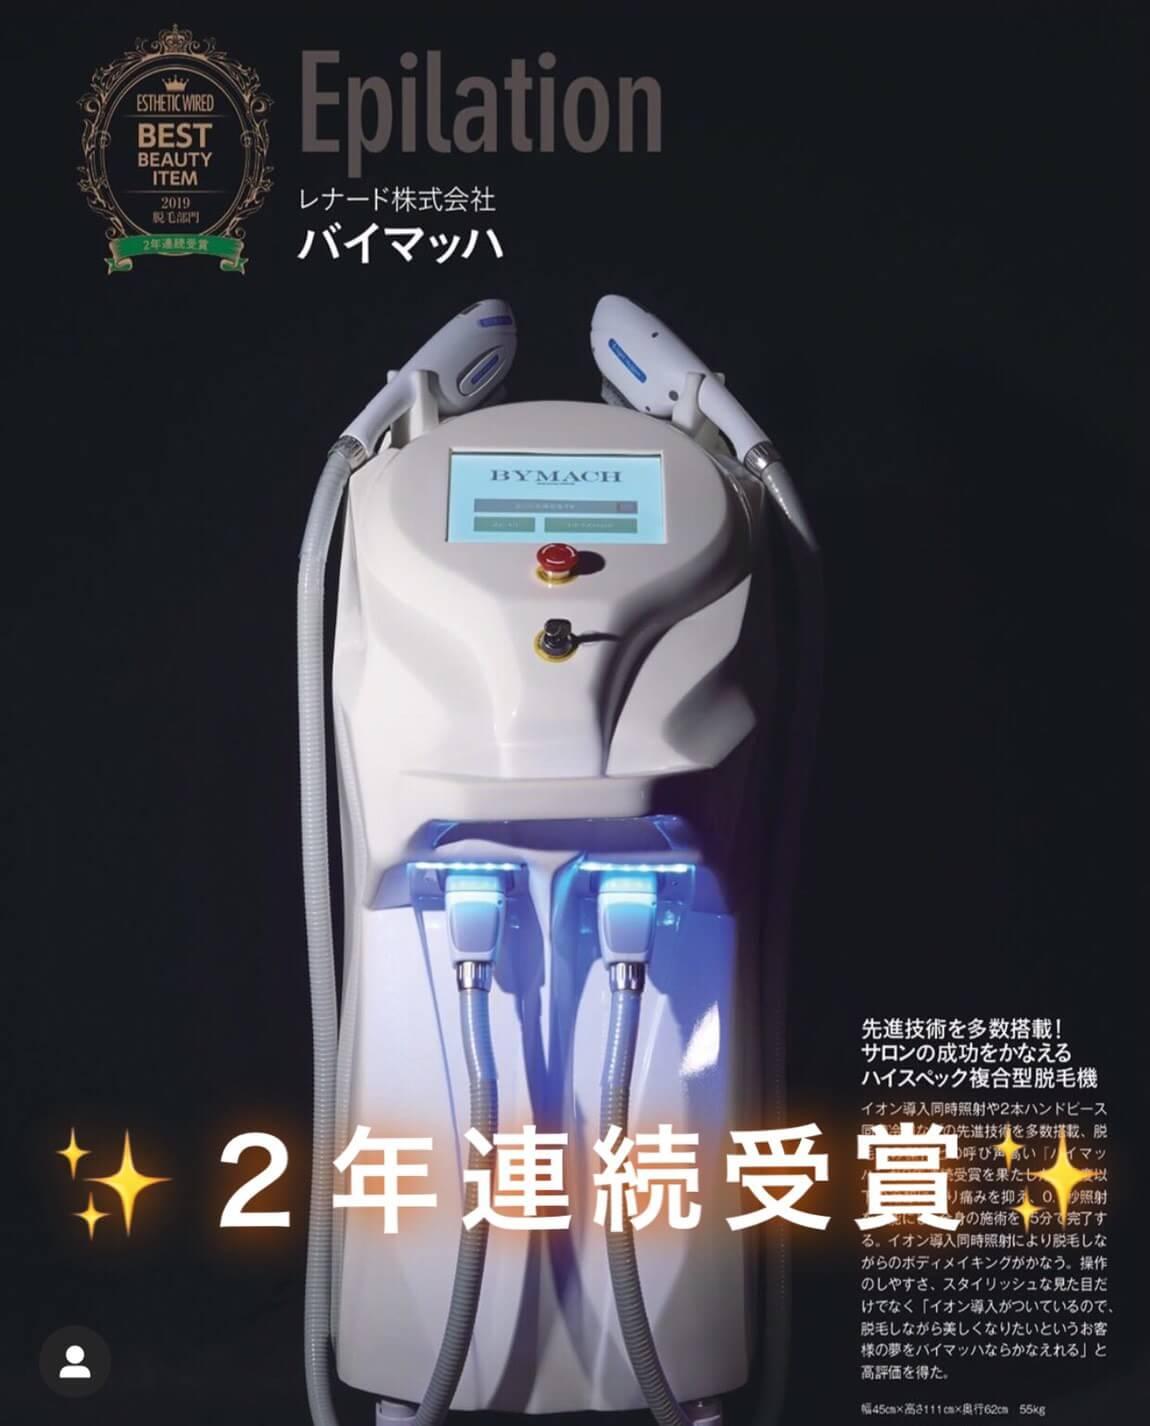 【脱毛部門】2019年度ベストアイテム賞受賞